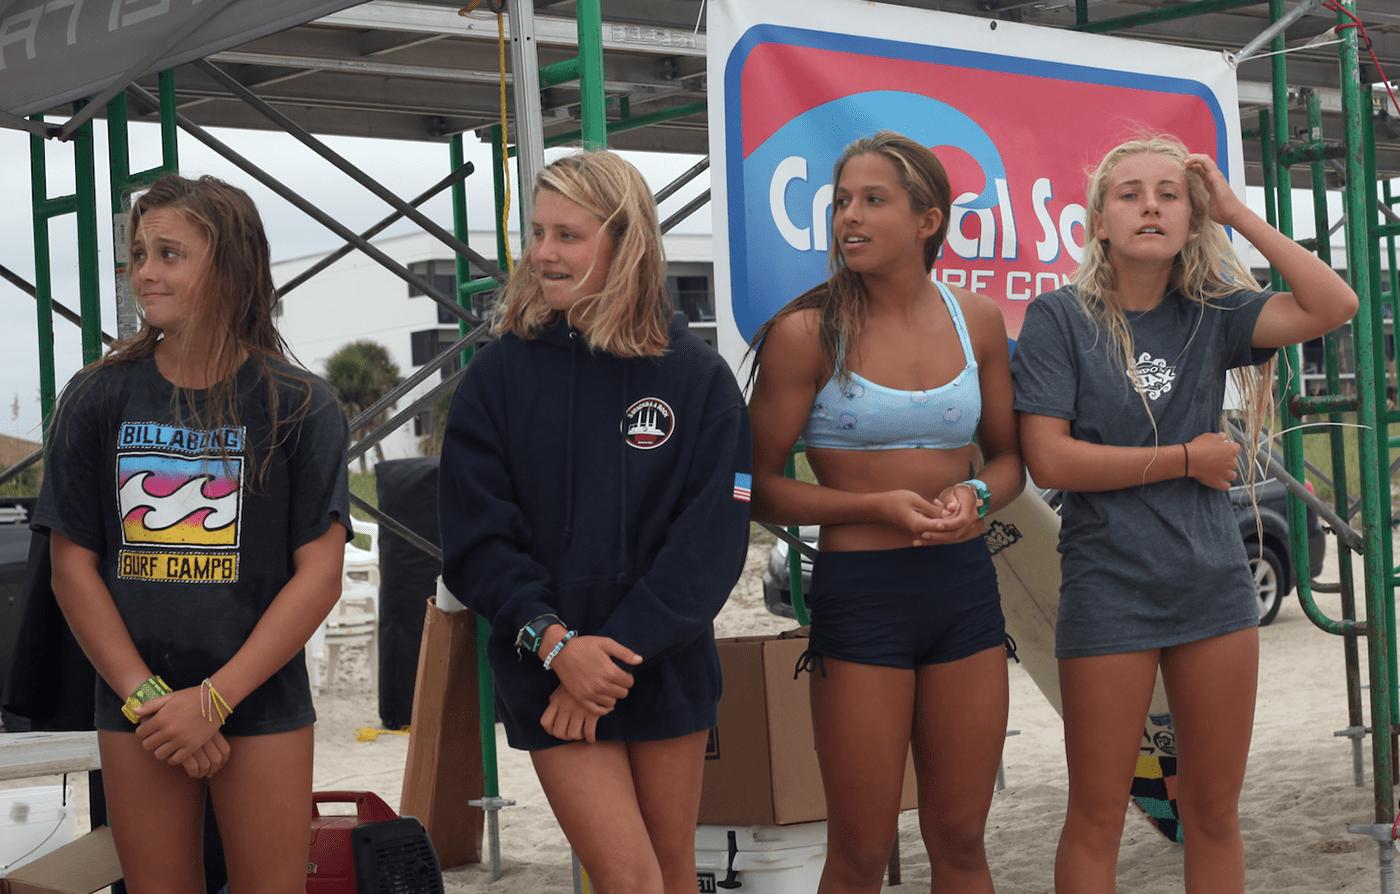 wrightsville beach north carolina Wahine Classic Podium Photos Callie Hertz Crystal South Surf Marine Warehouse Center Blockade Runner Resort Jo Pickett